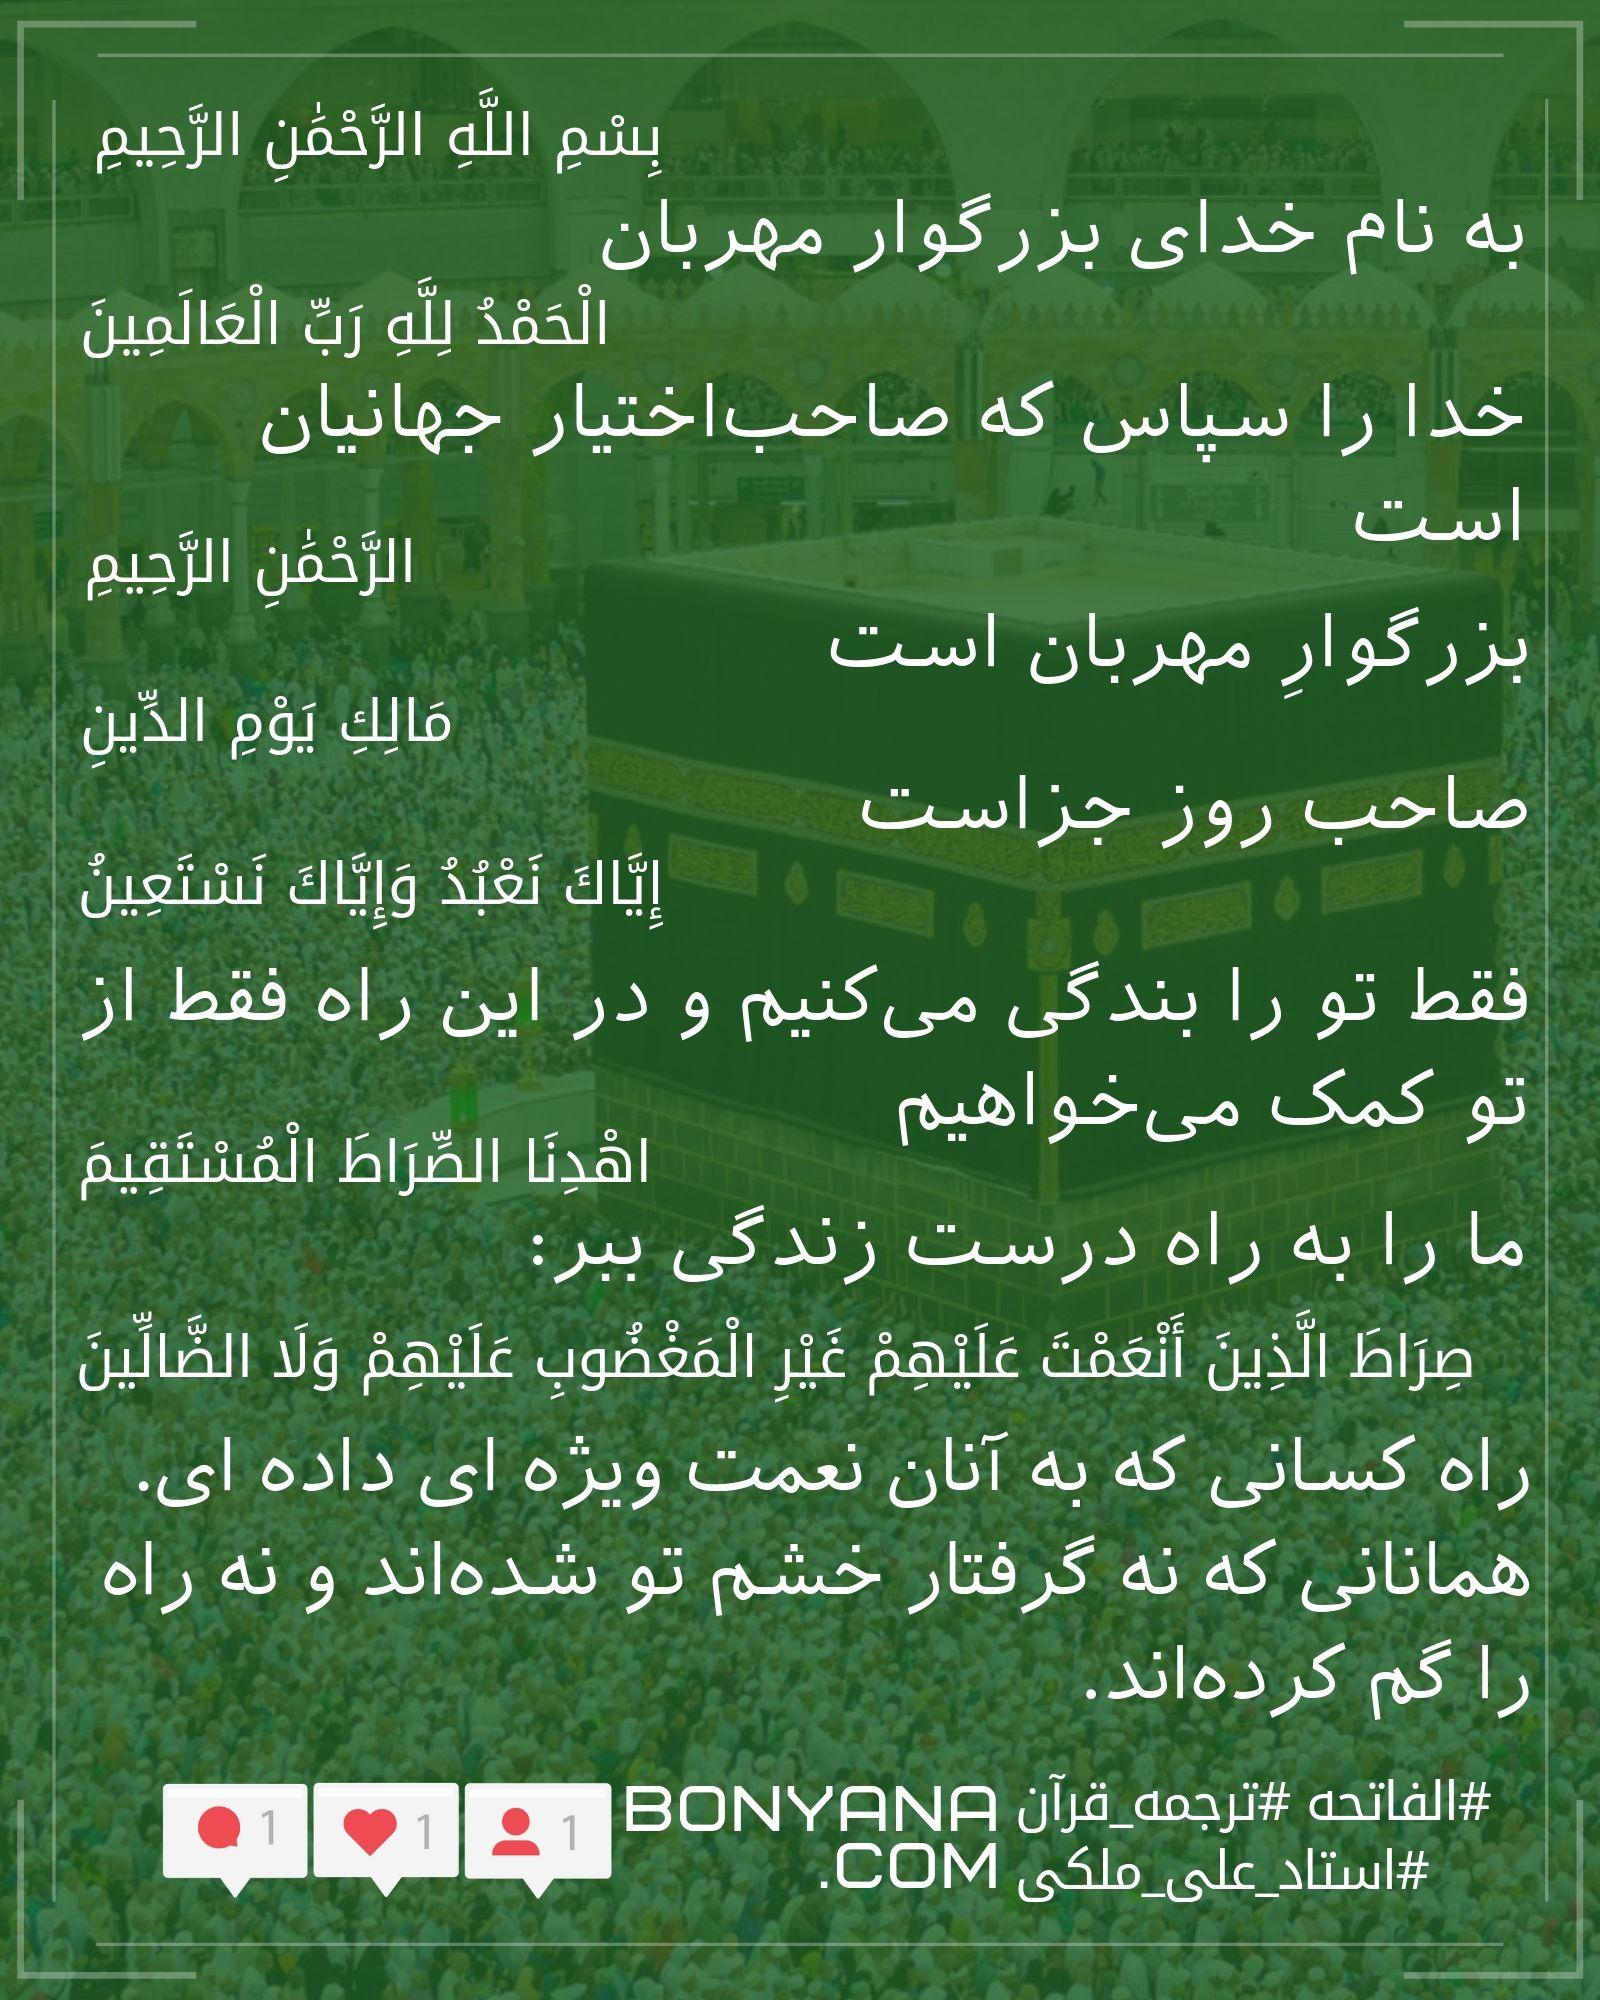 ترجمه سوره حمد - الفاتحه